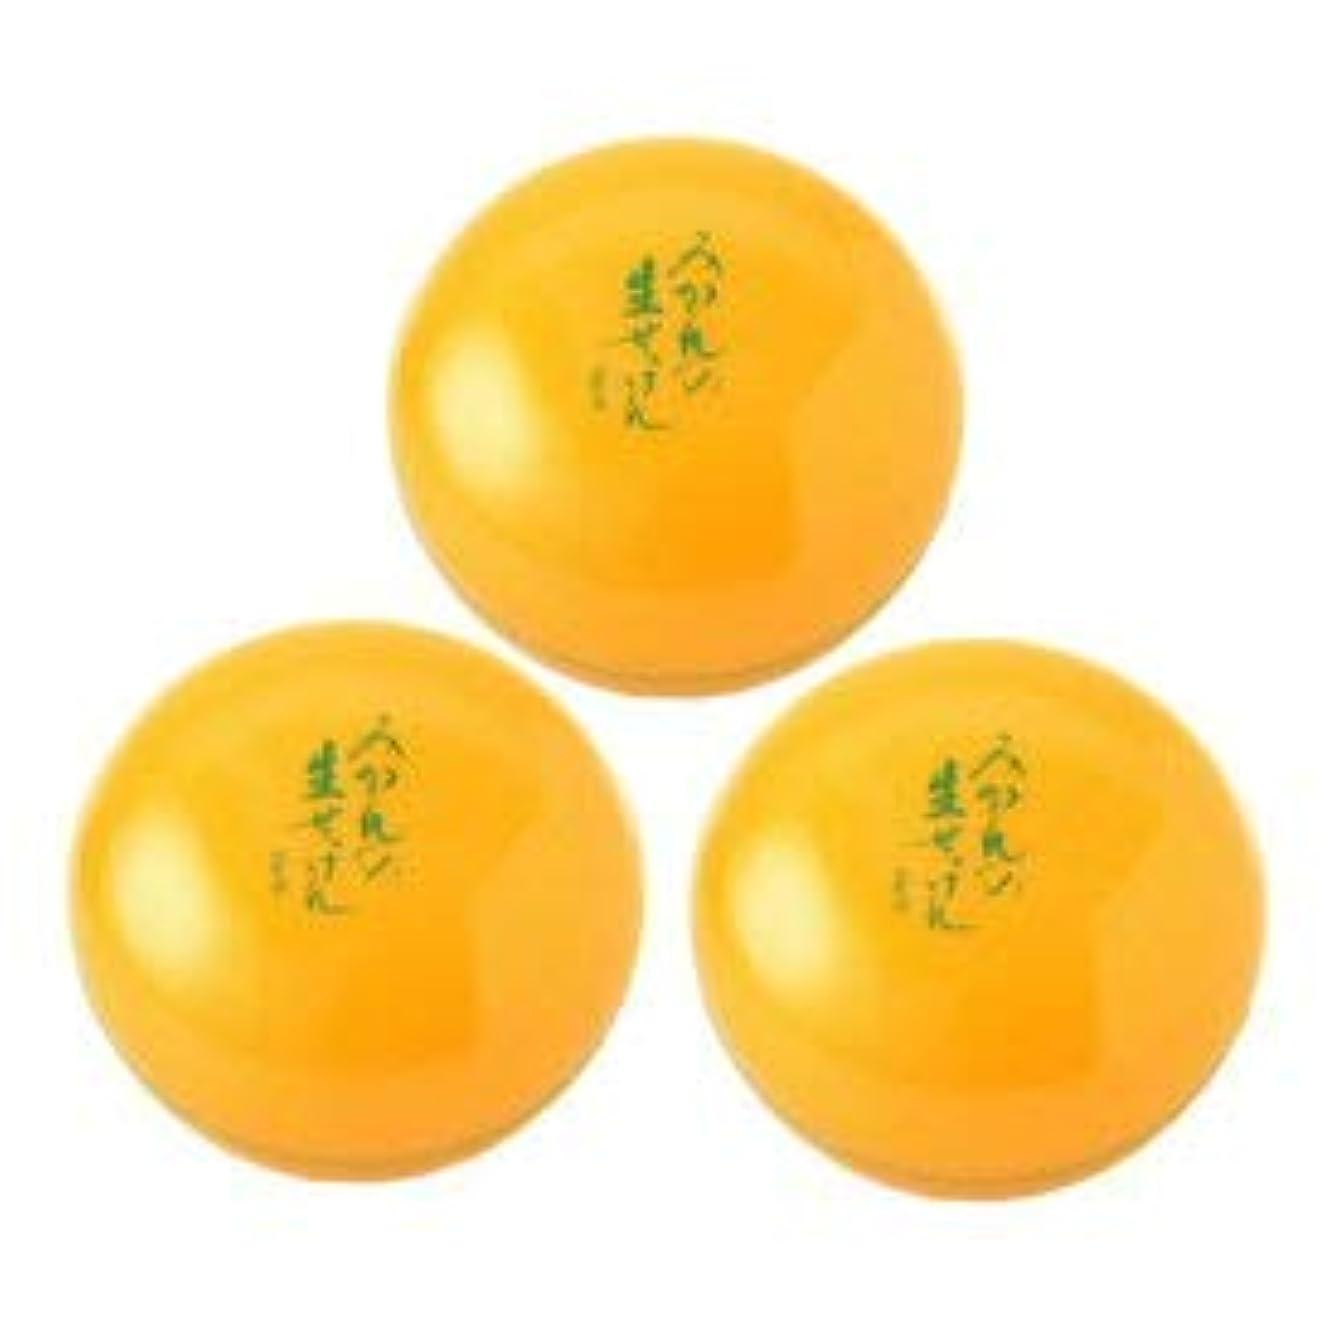 ベックスしたい意図的UYEKI美香柑みかんの生せっけん50g×3個セット